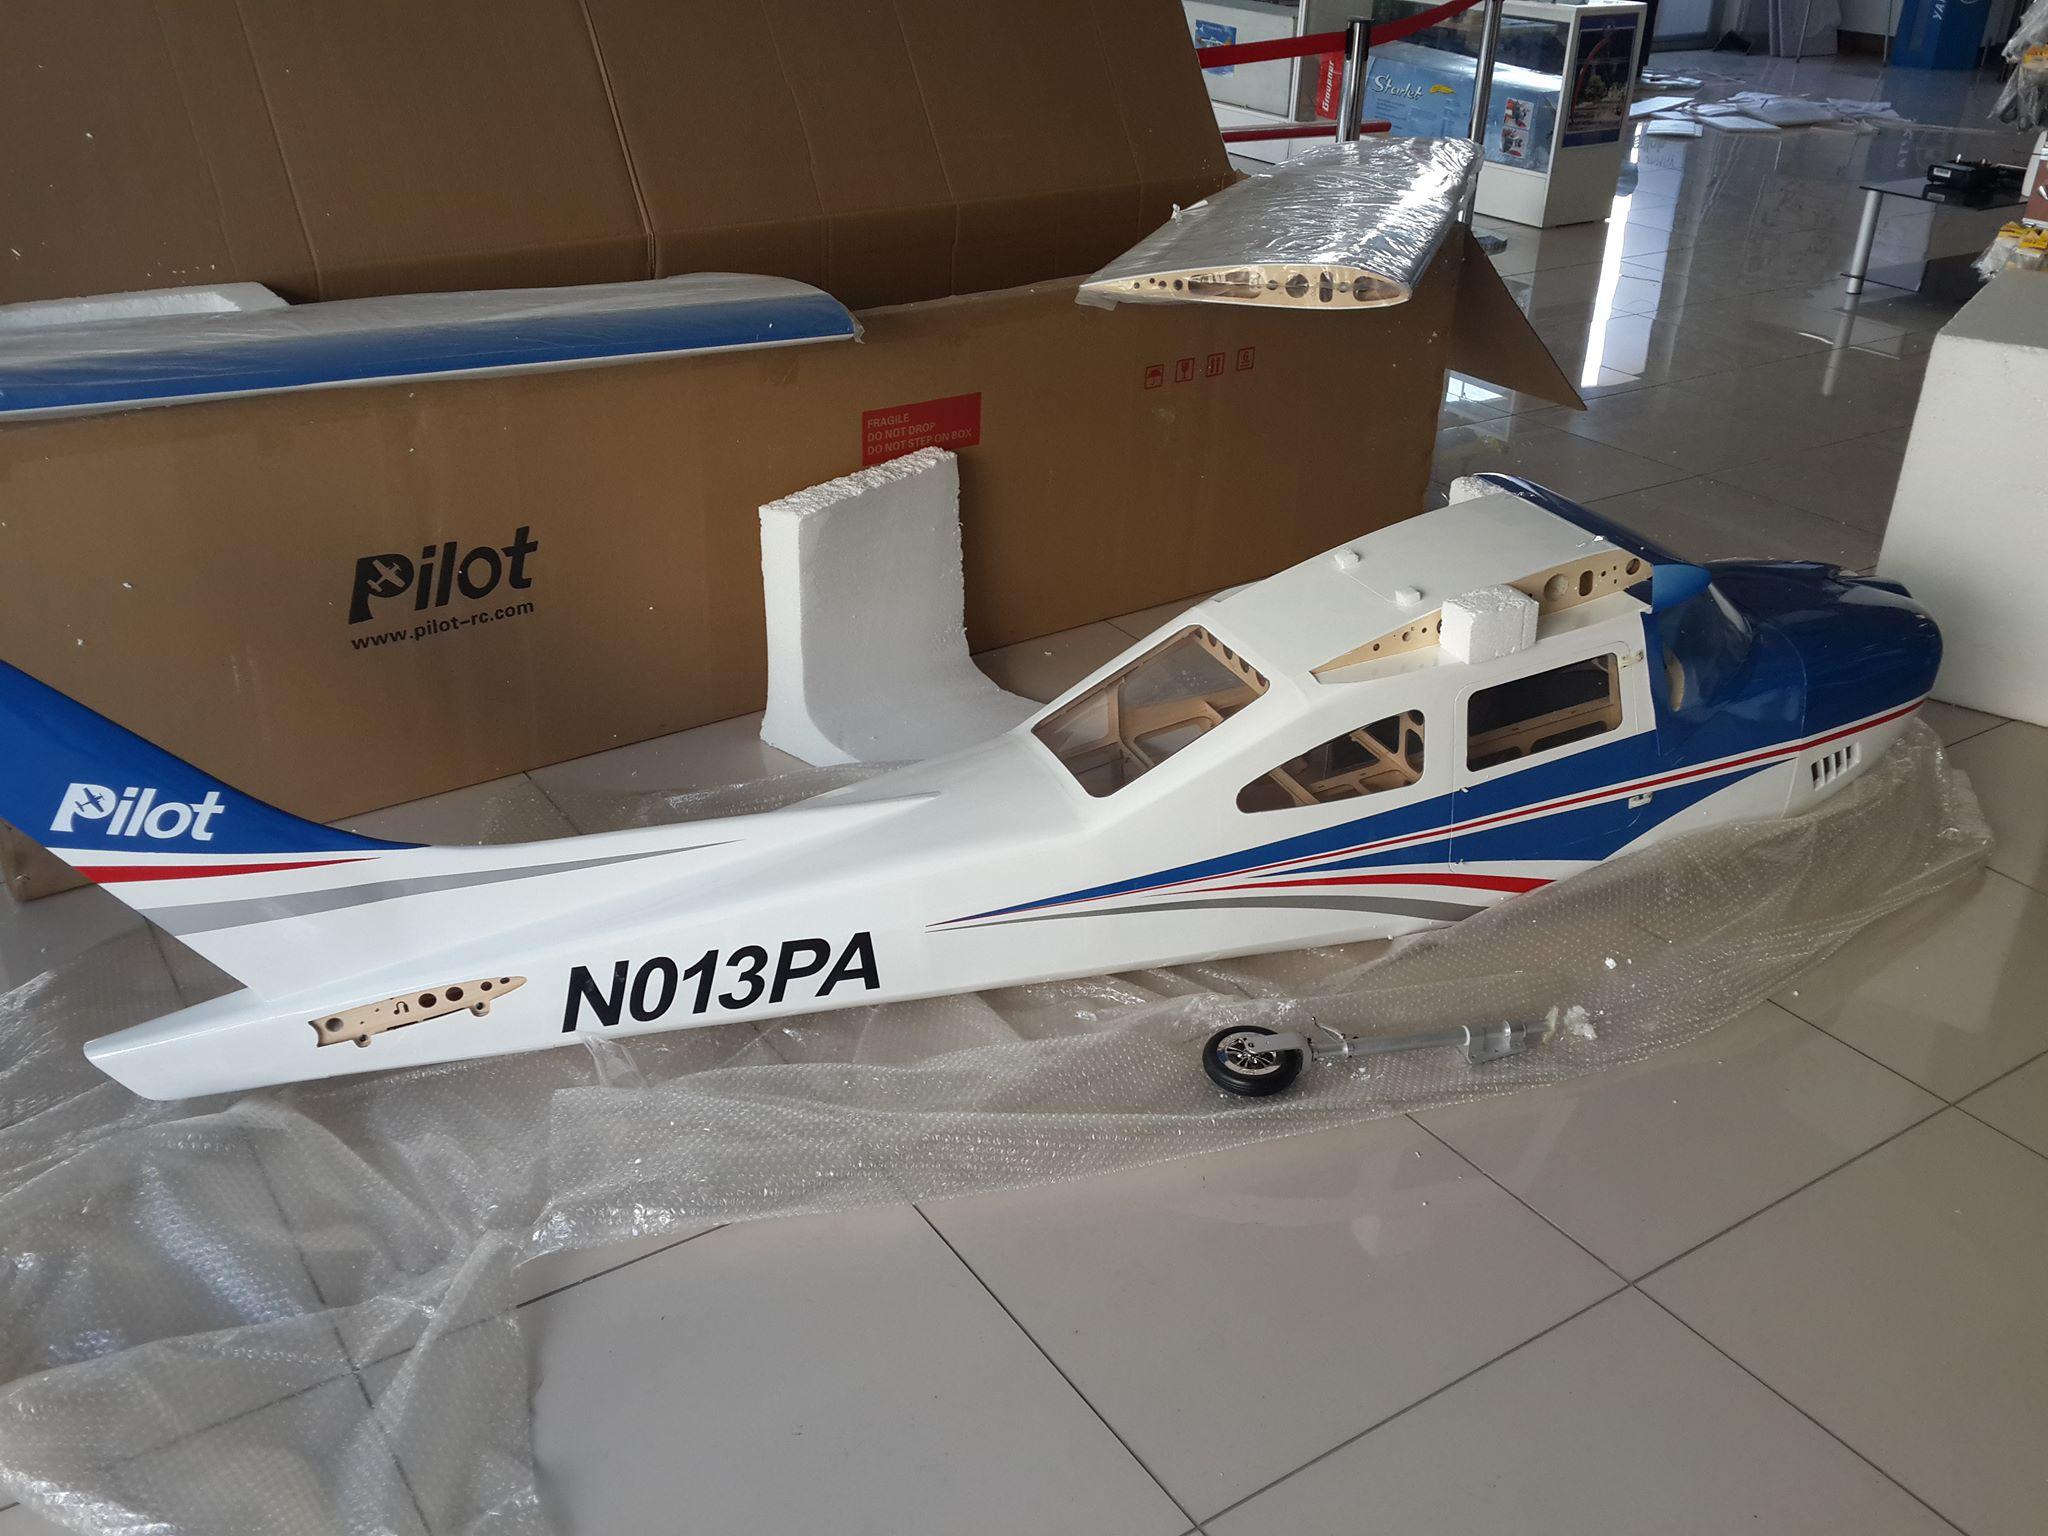 Pilot-rc Cessna Skyline 3 81m 85-120cc Blue/White ARF -